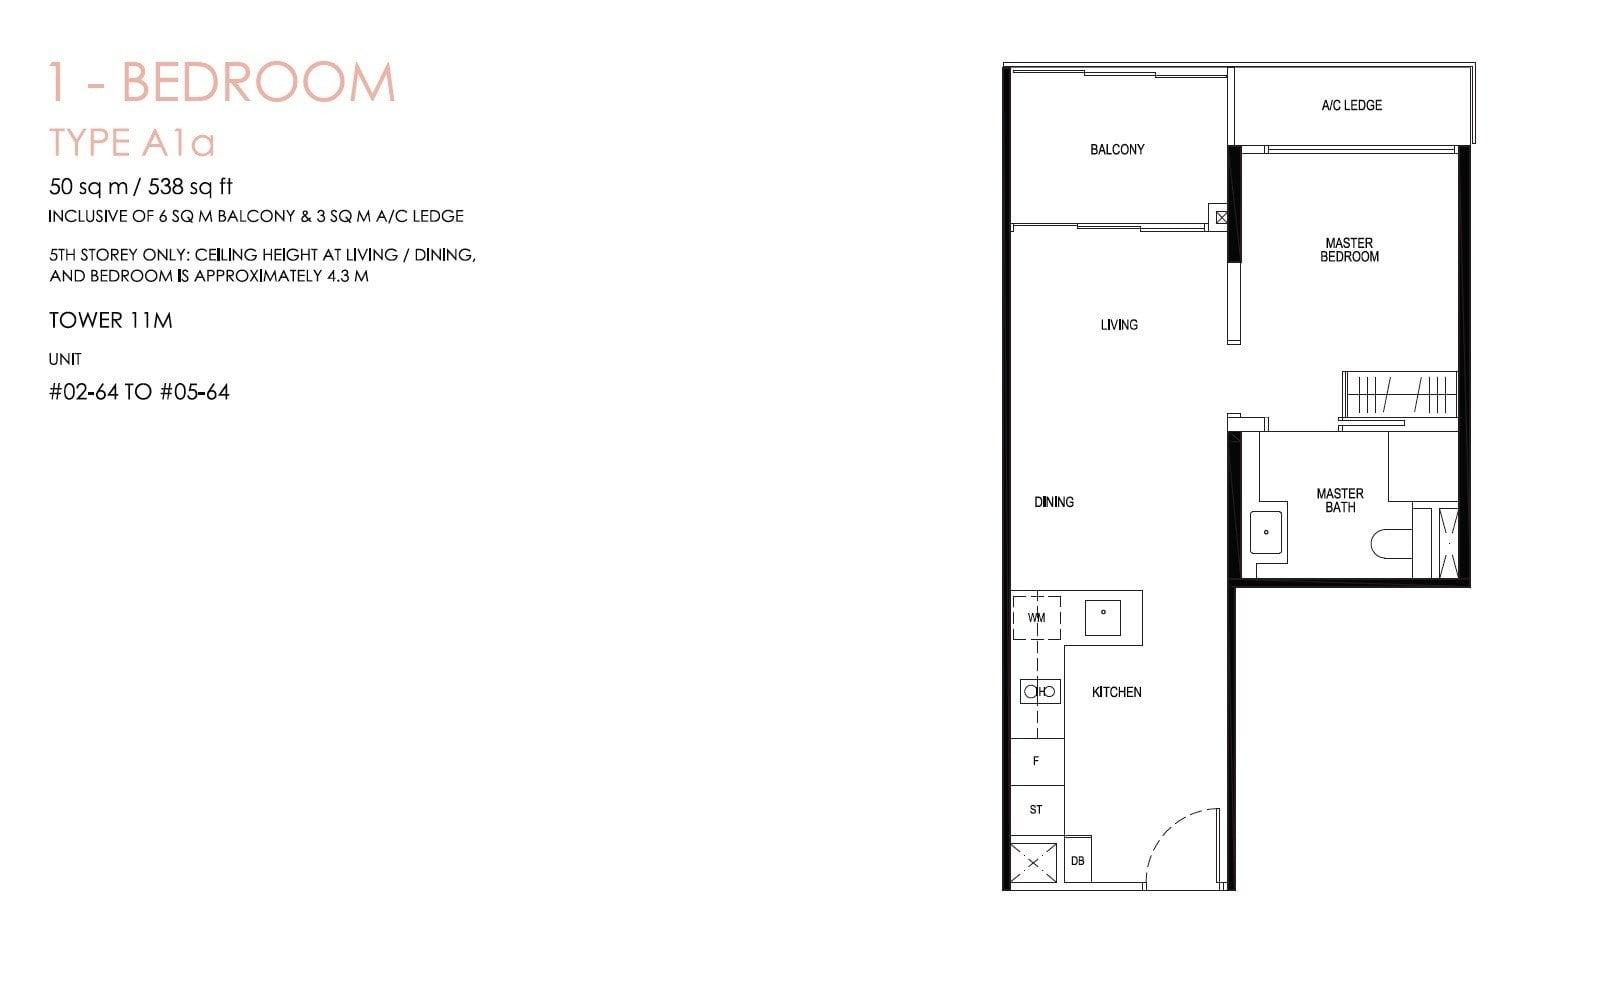 daintree-condo-floor plan 1BR